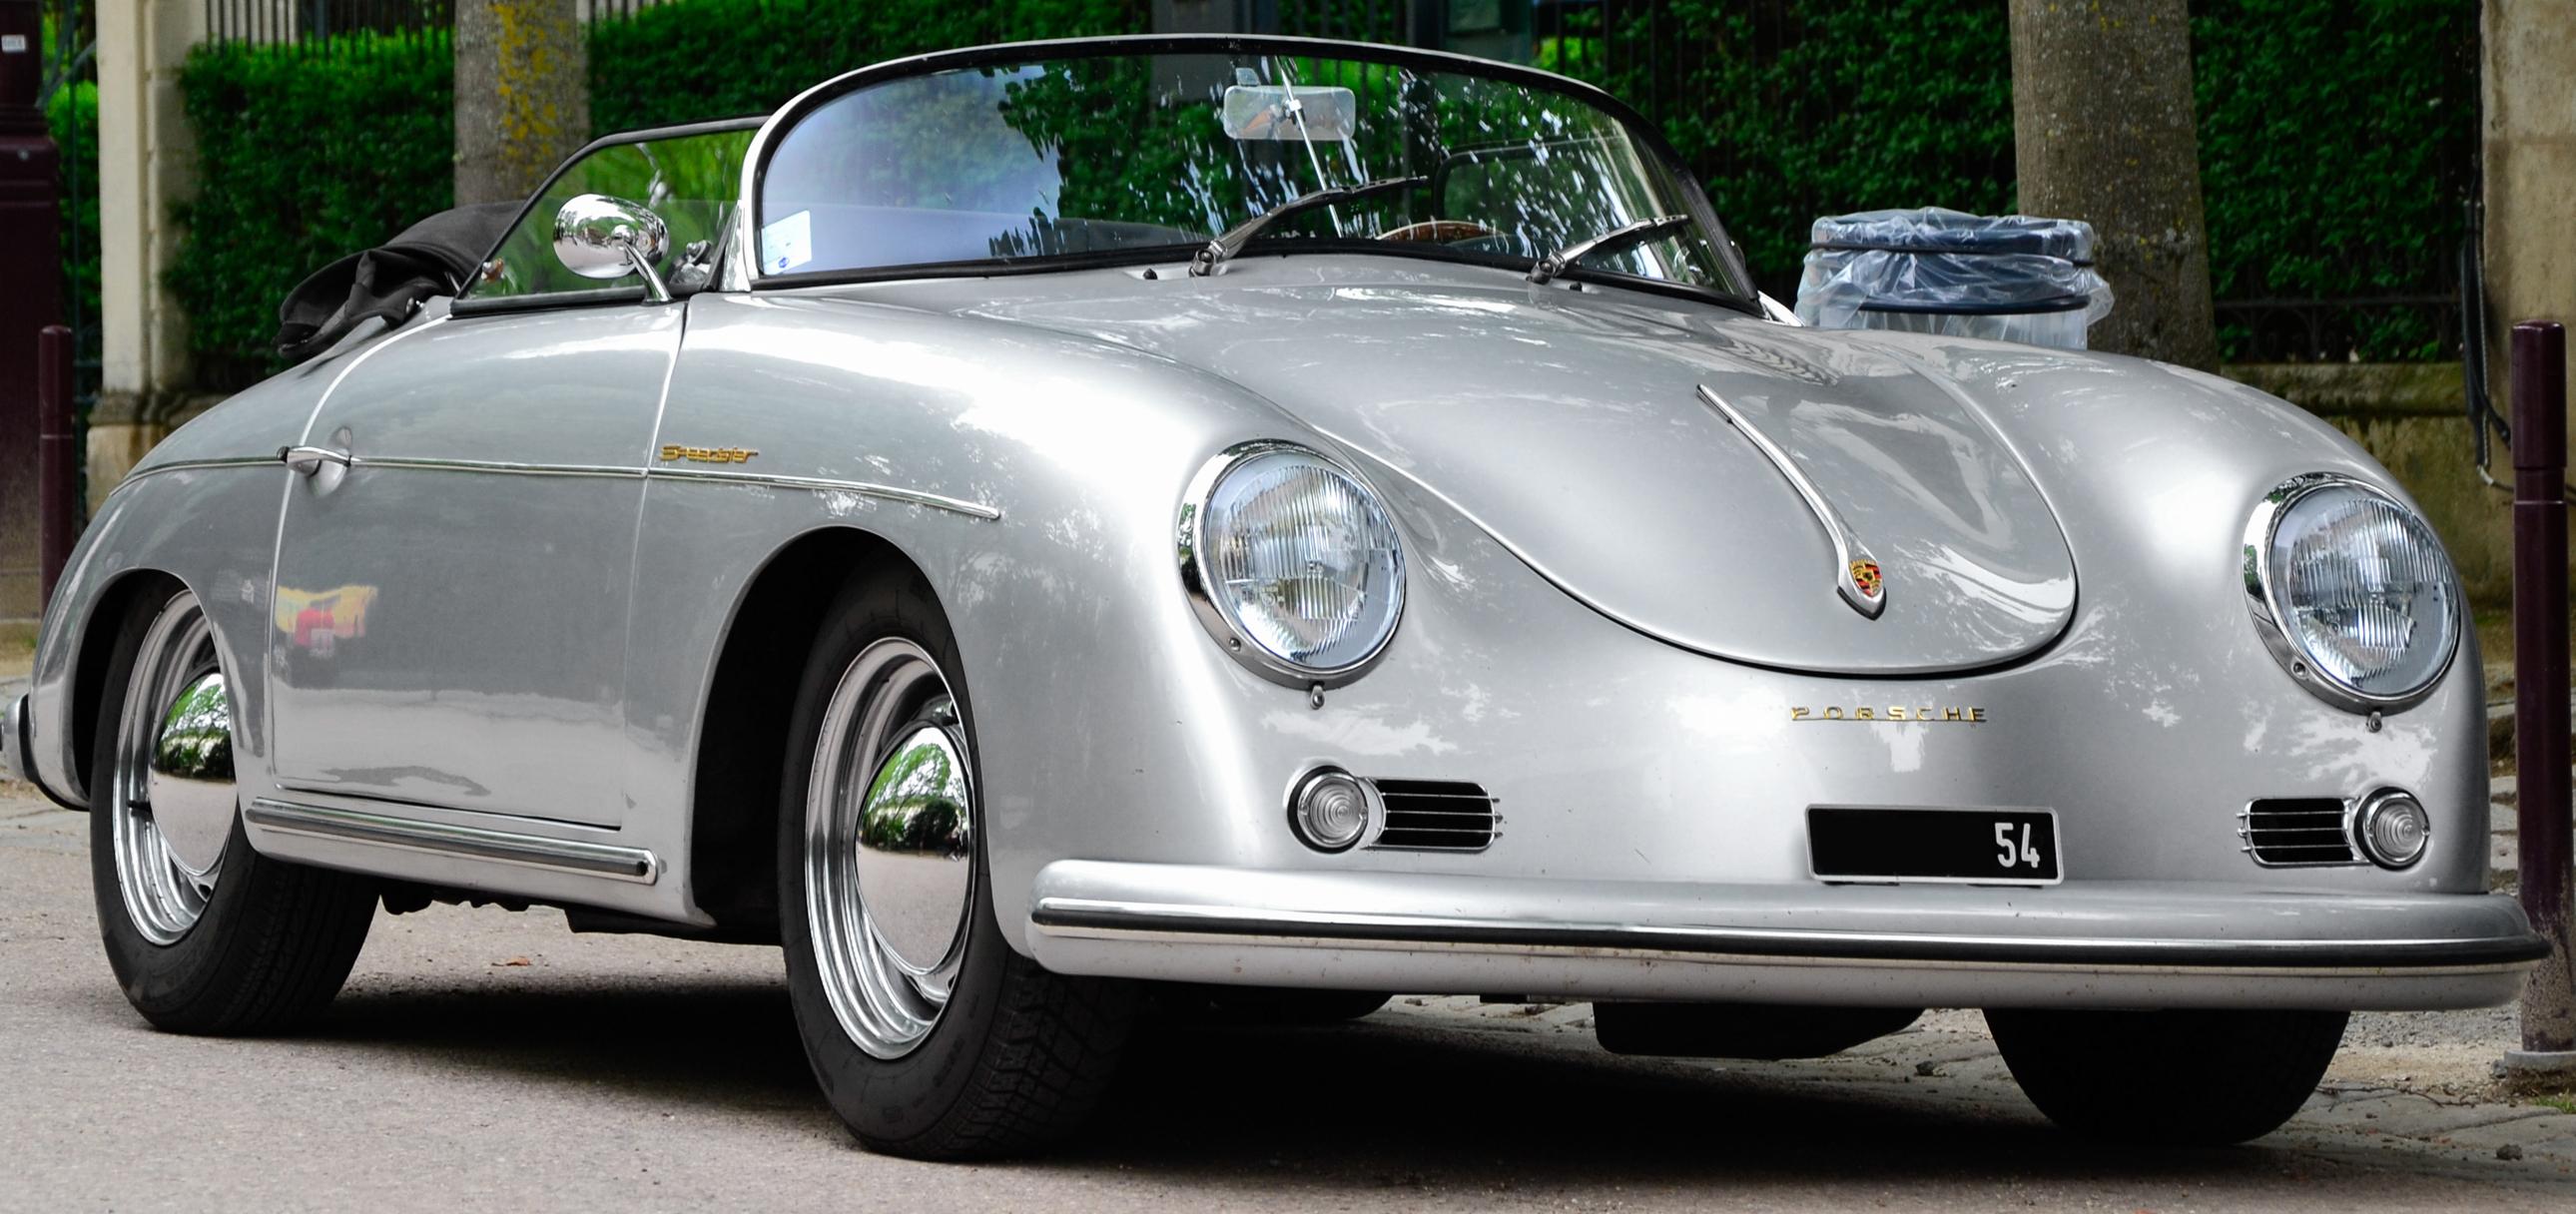 File:Porsche 356 Speedster - Flickr - Alexandre Prévot (6).jpg